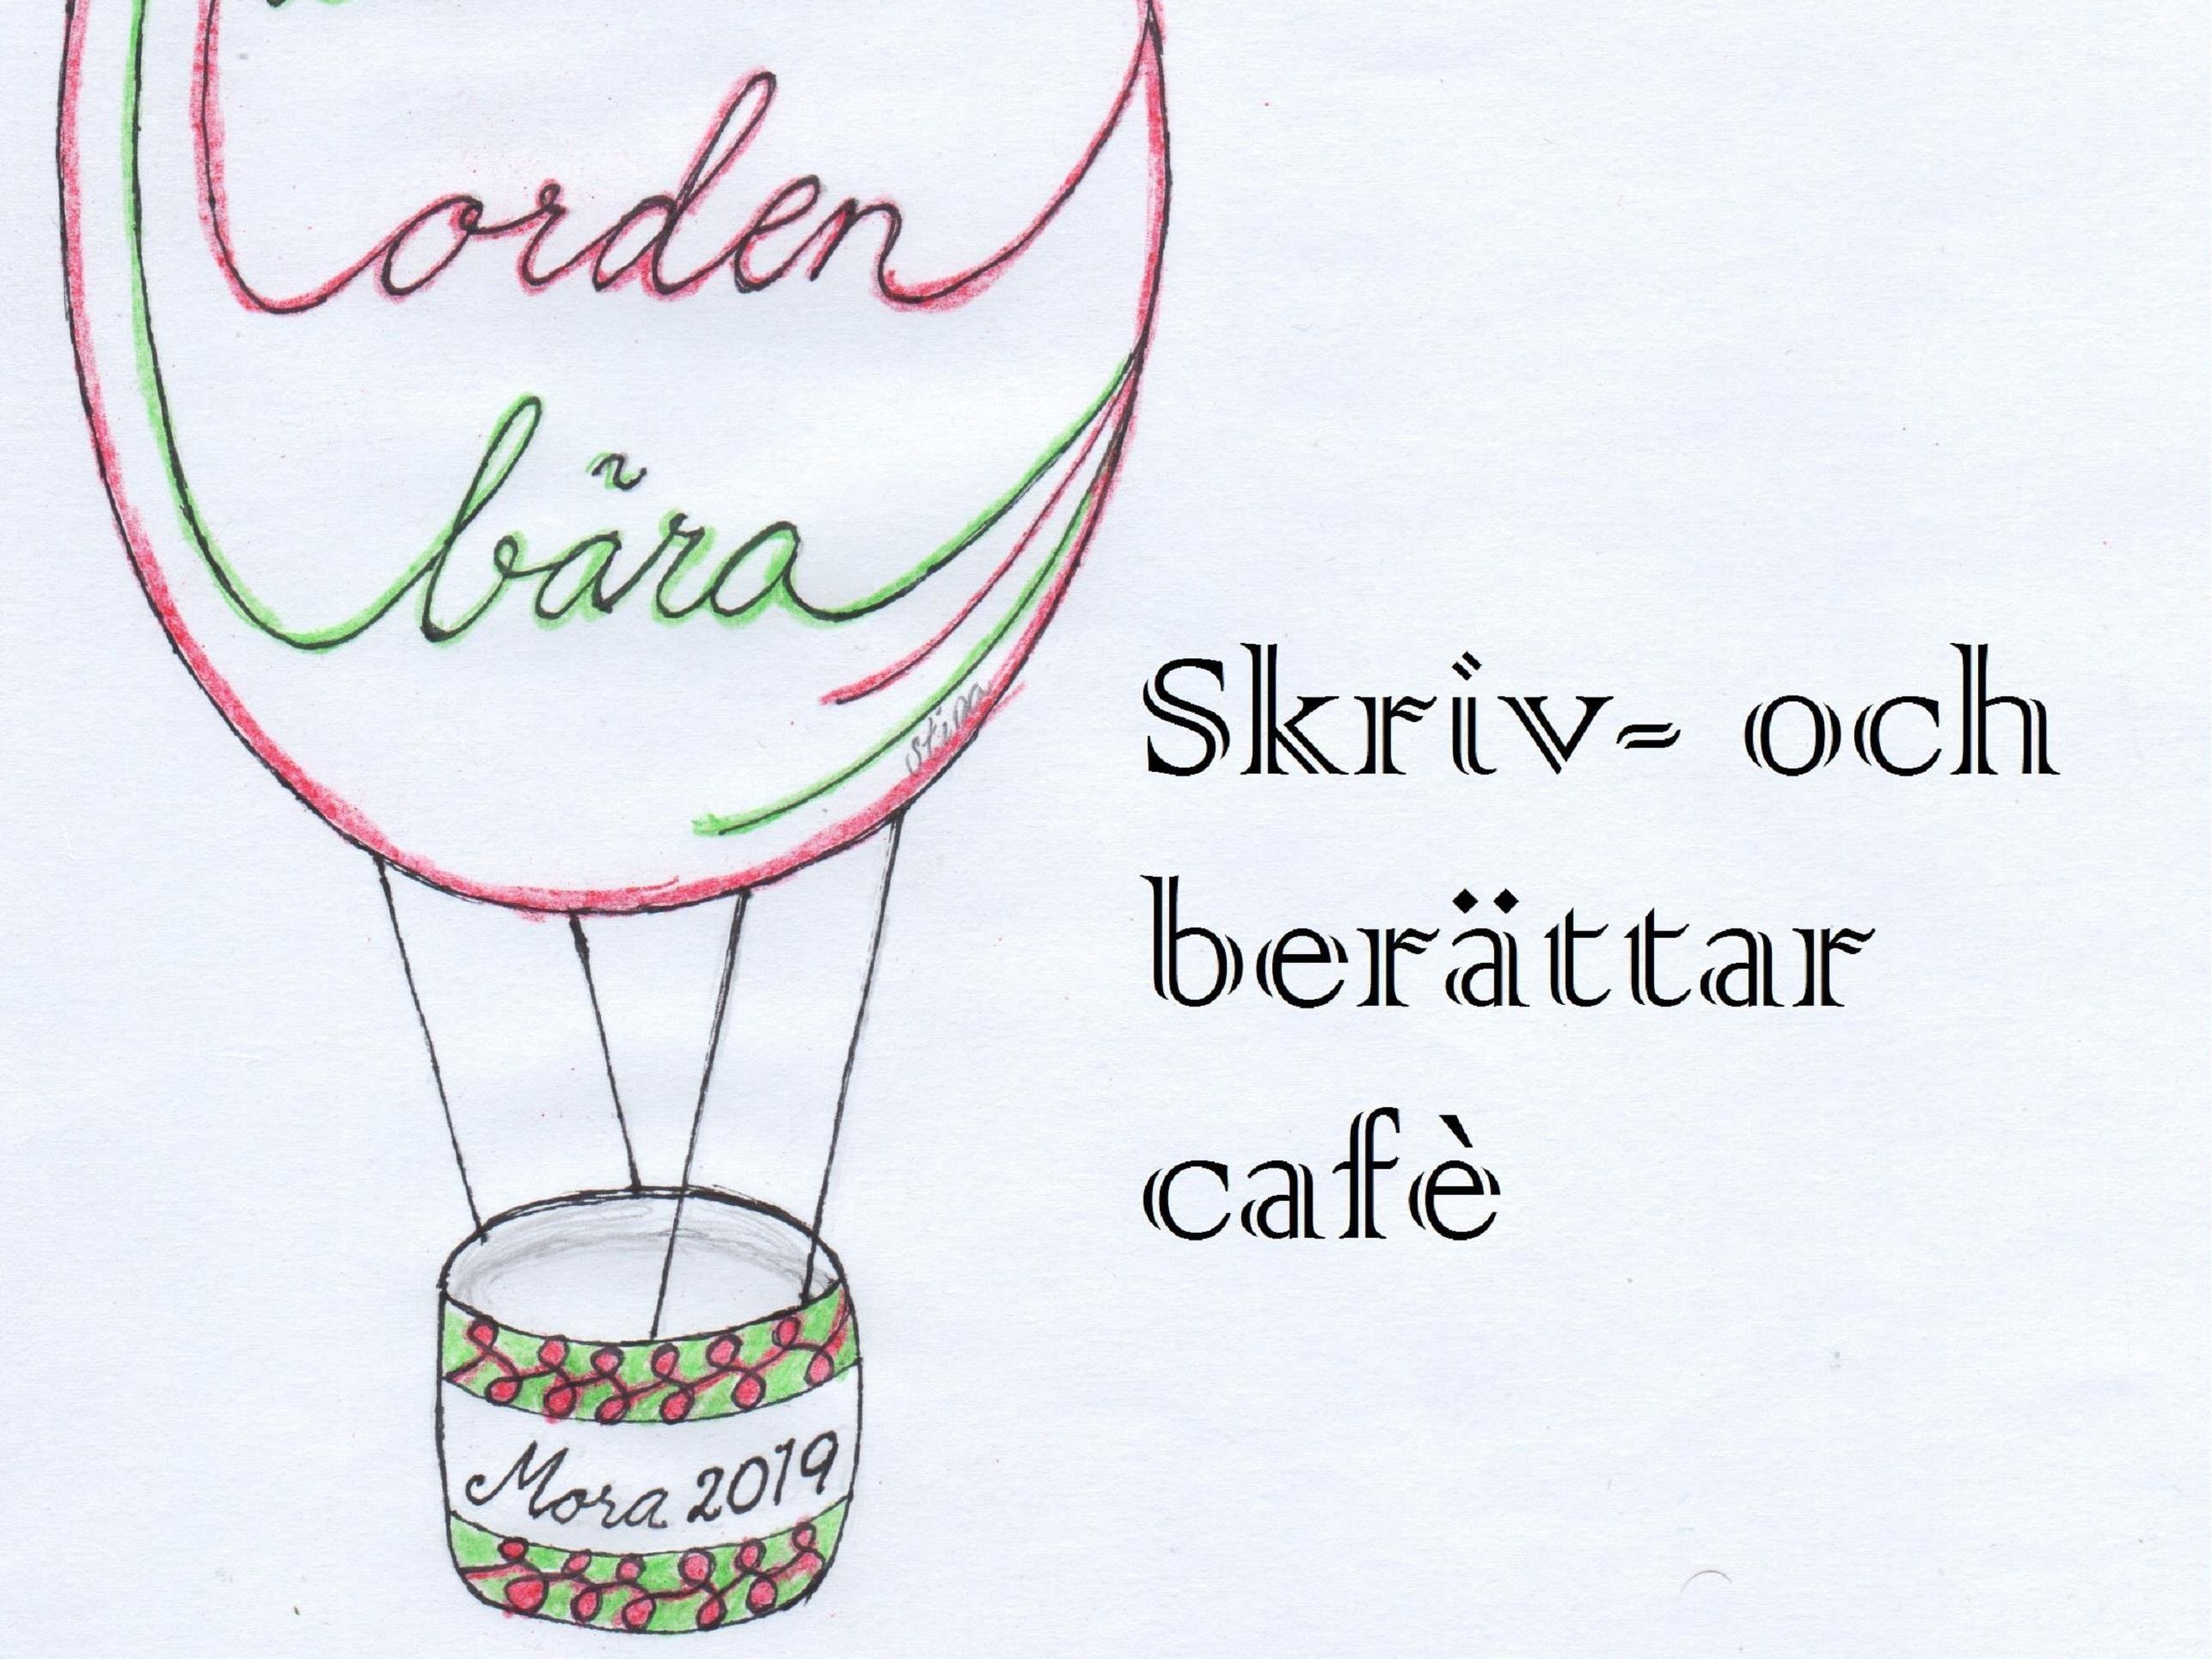 Skriv - och berättarcafé med Christina Börjesson